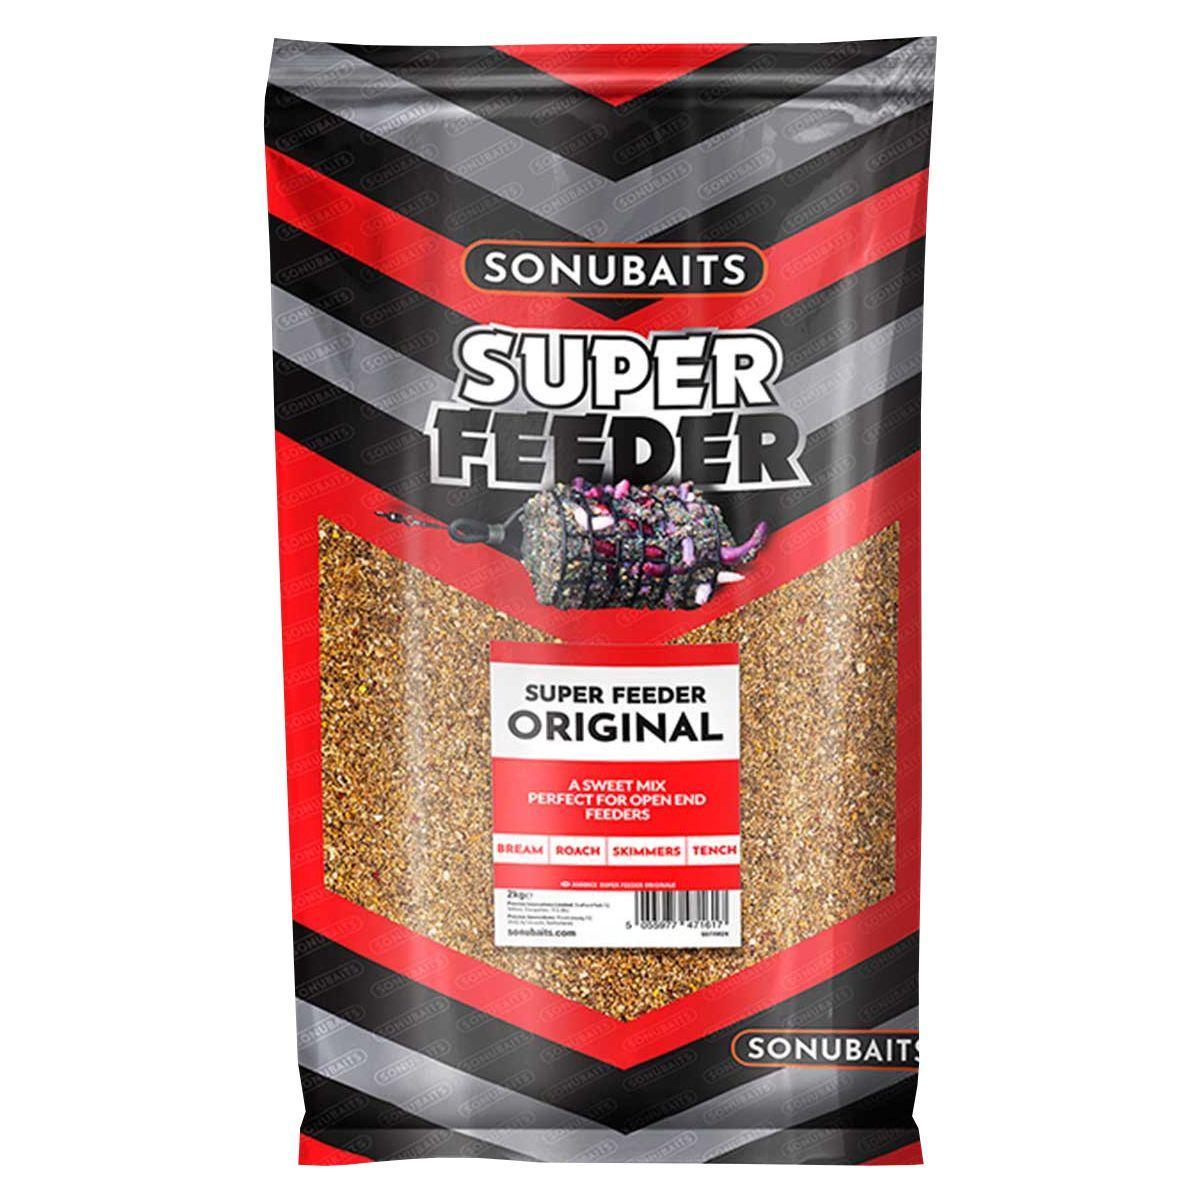 Sonubaits Super Feeder Original